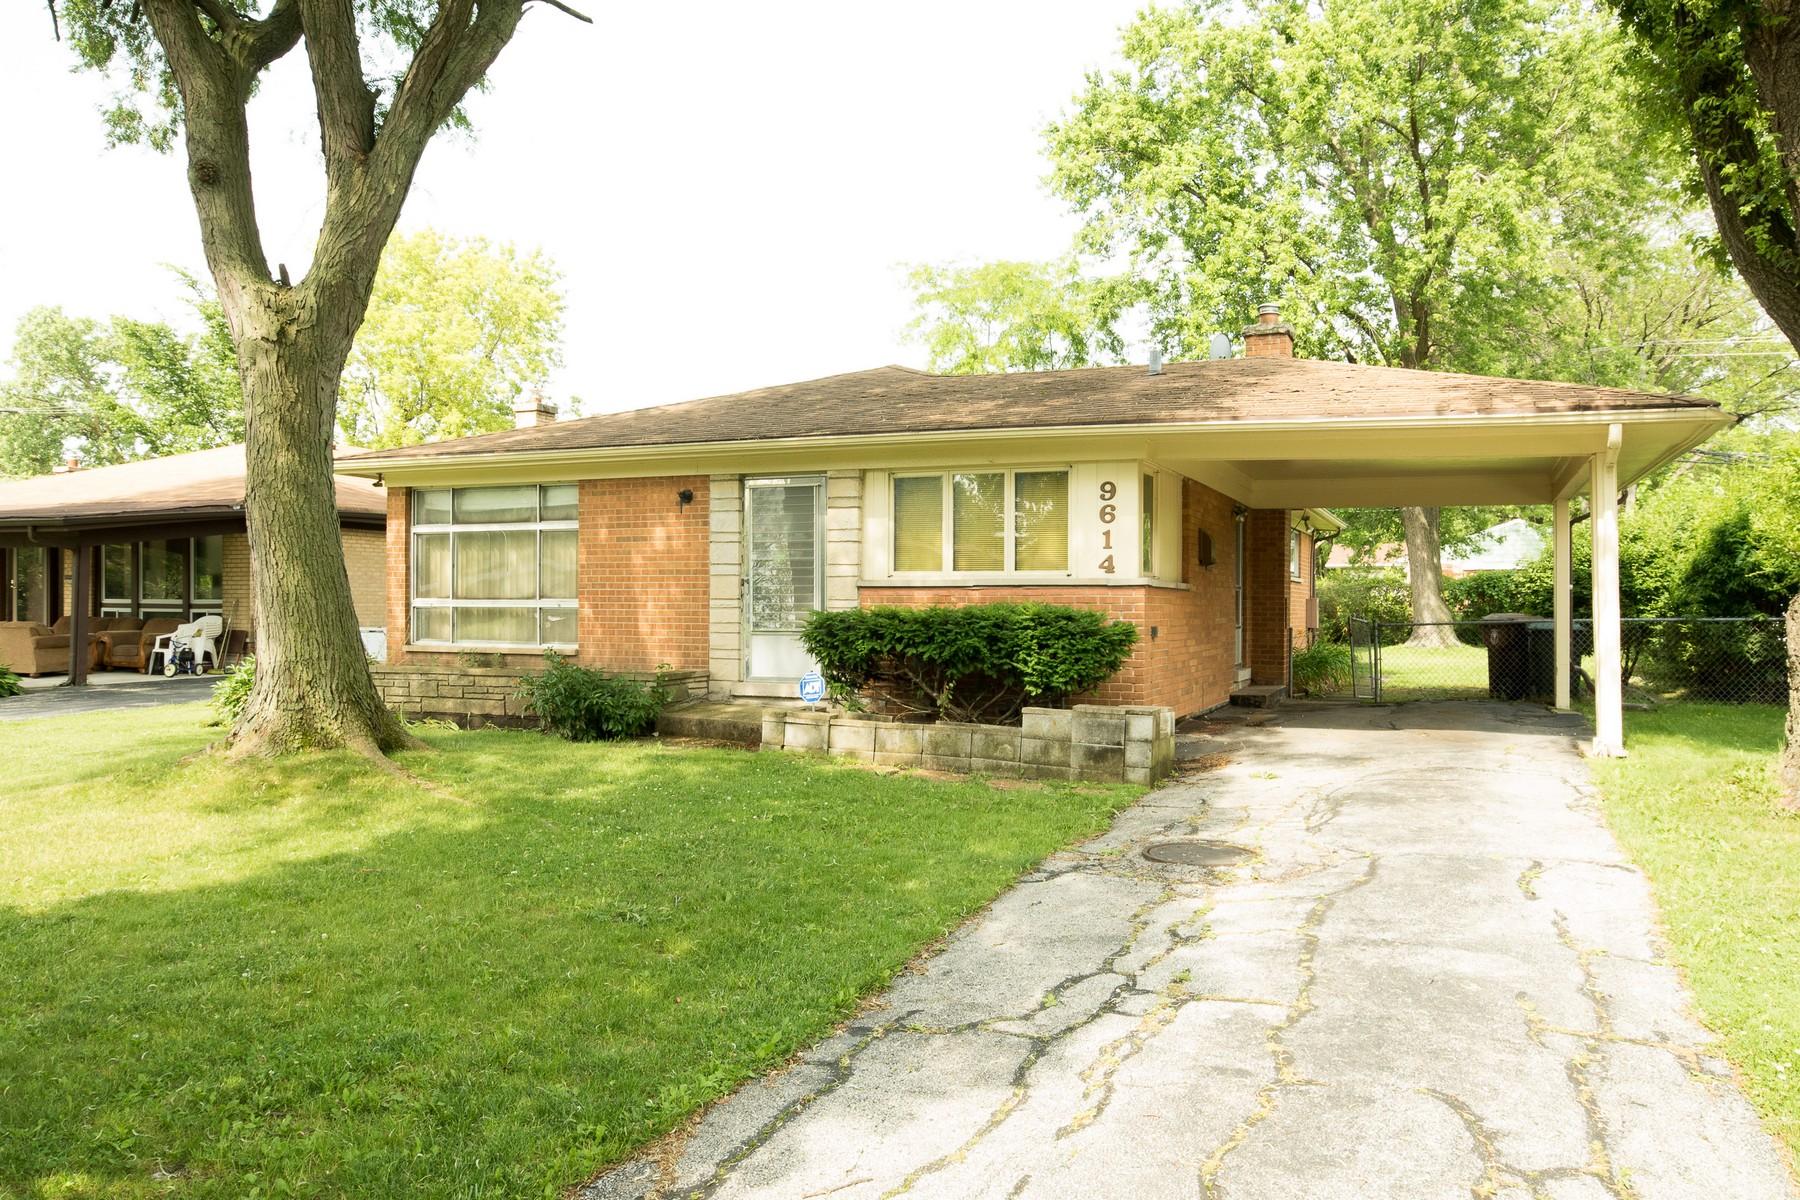 Casa para uma família para Venda às Spacious Brick Ranch 9614 Karlov Avenue Skokie, Illinois, 60076 Estados Unidos